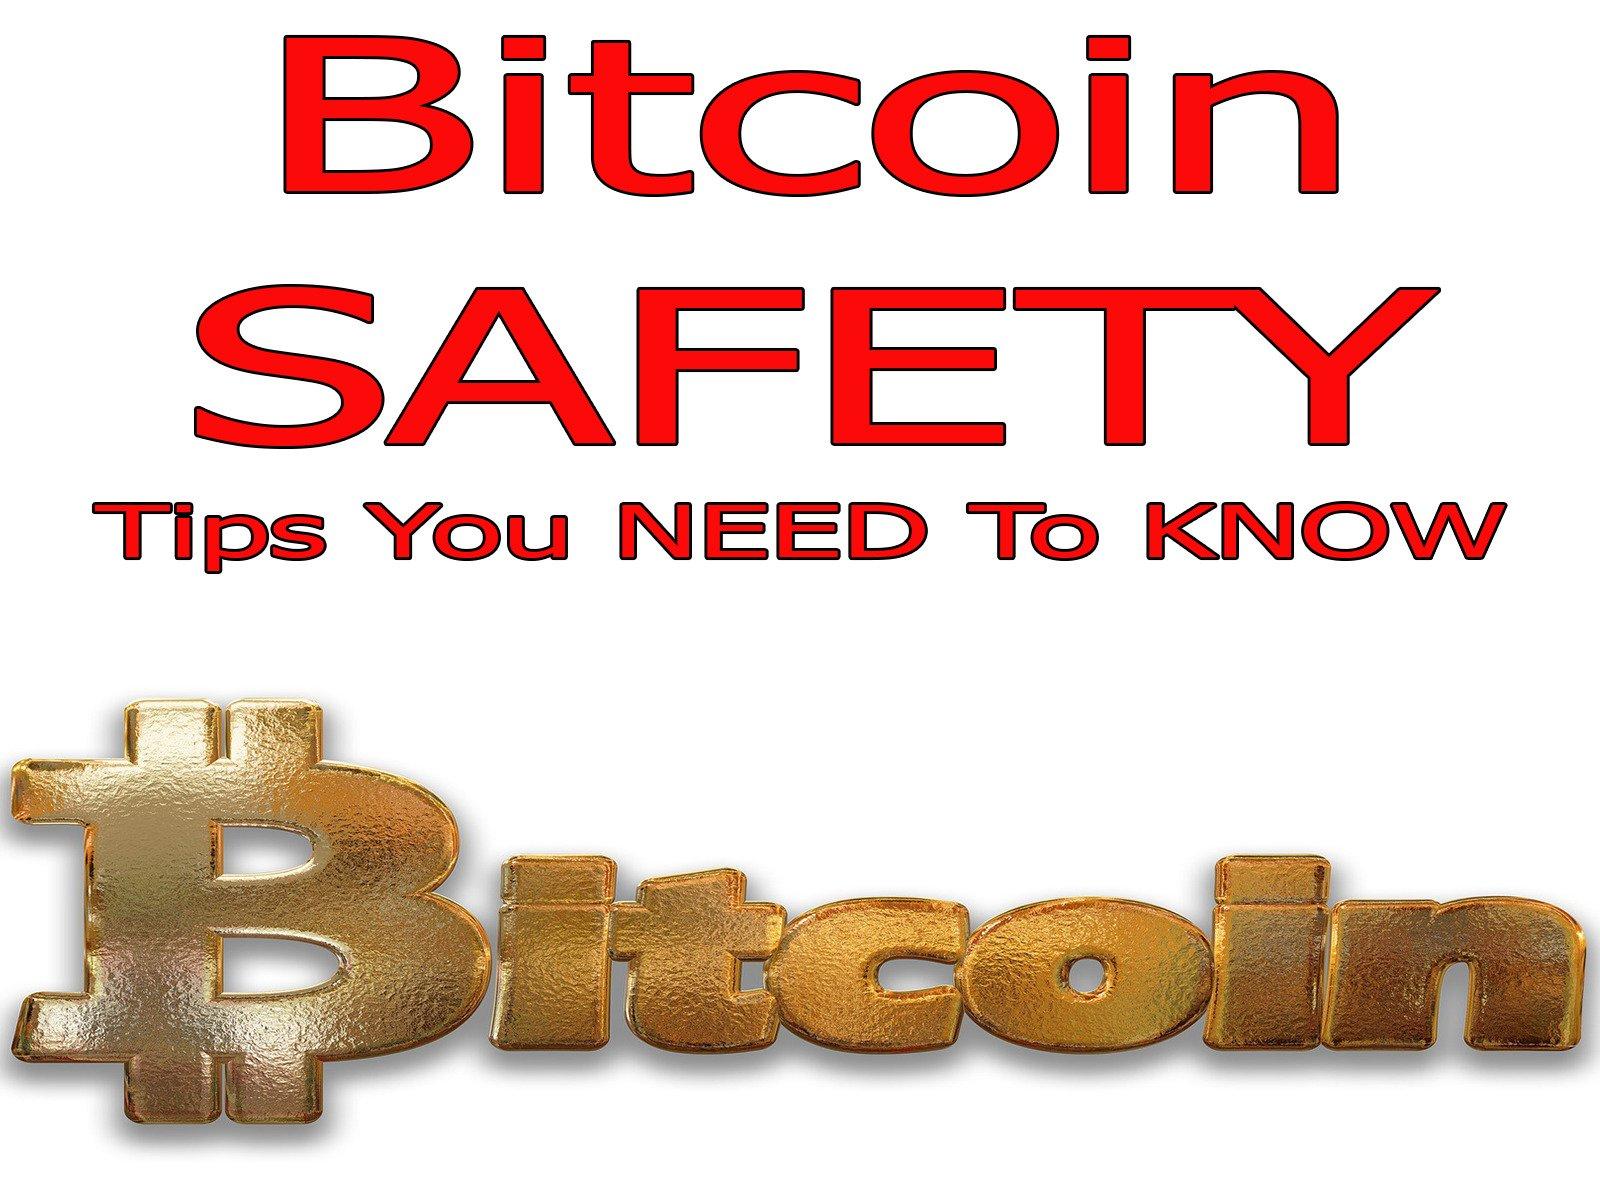 Bitcoin Safety - Season 1